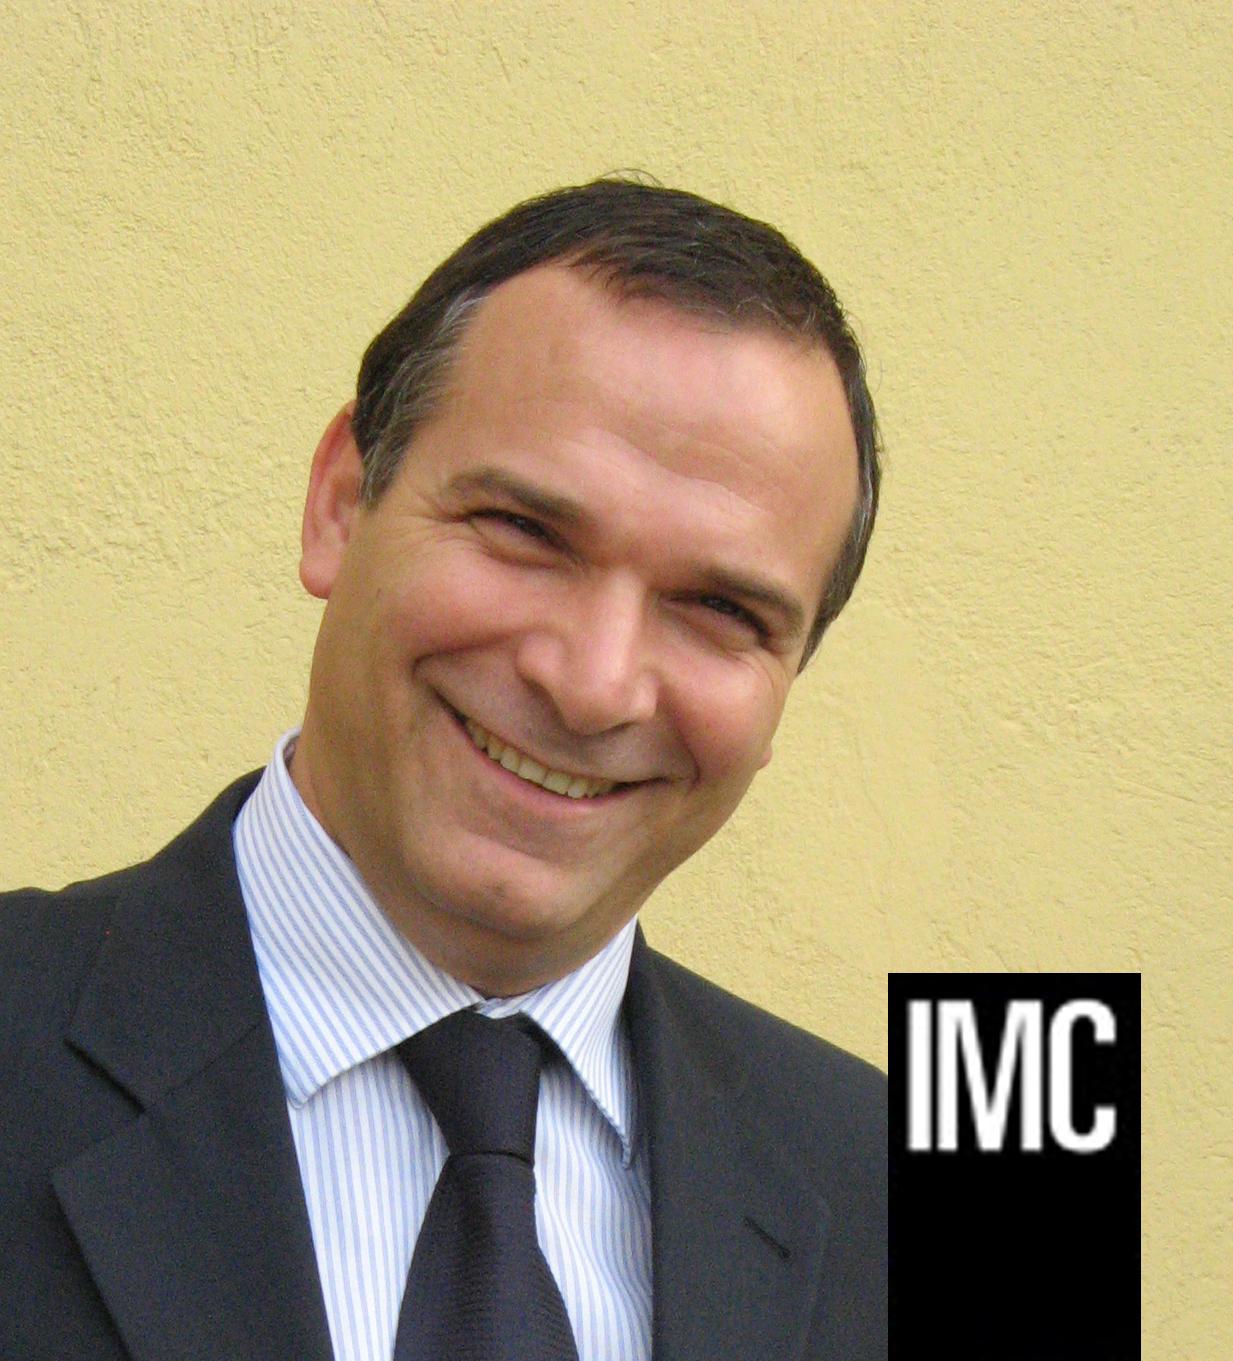 Francesco Saporito primo piano IMC